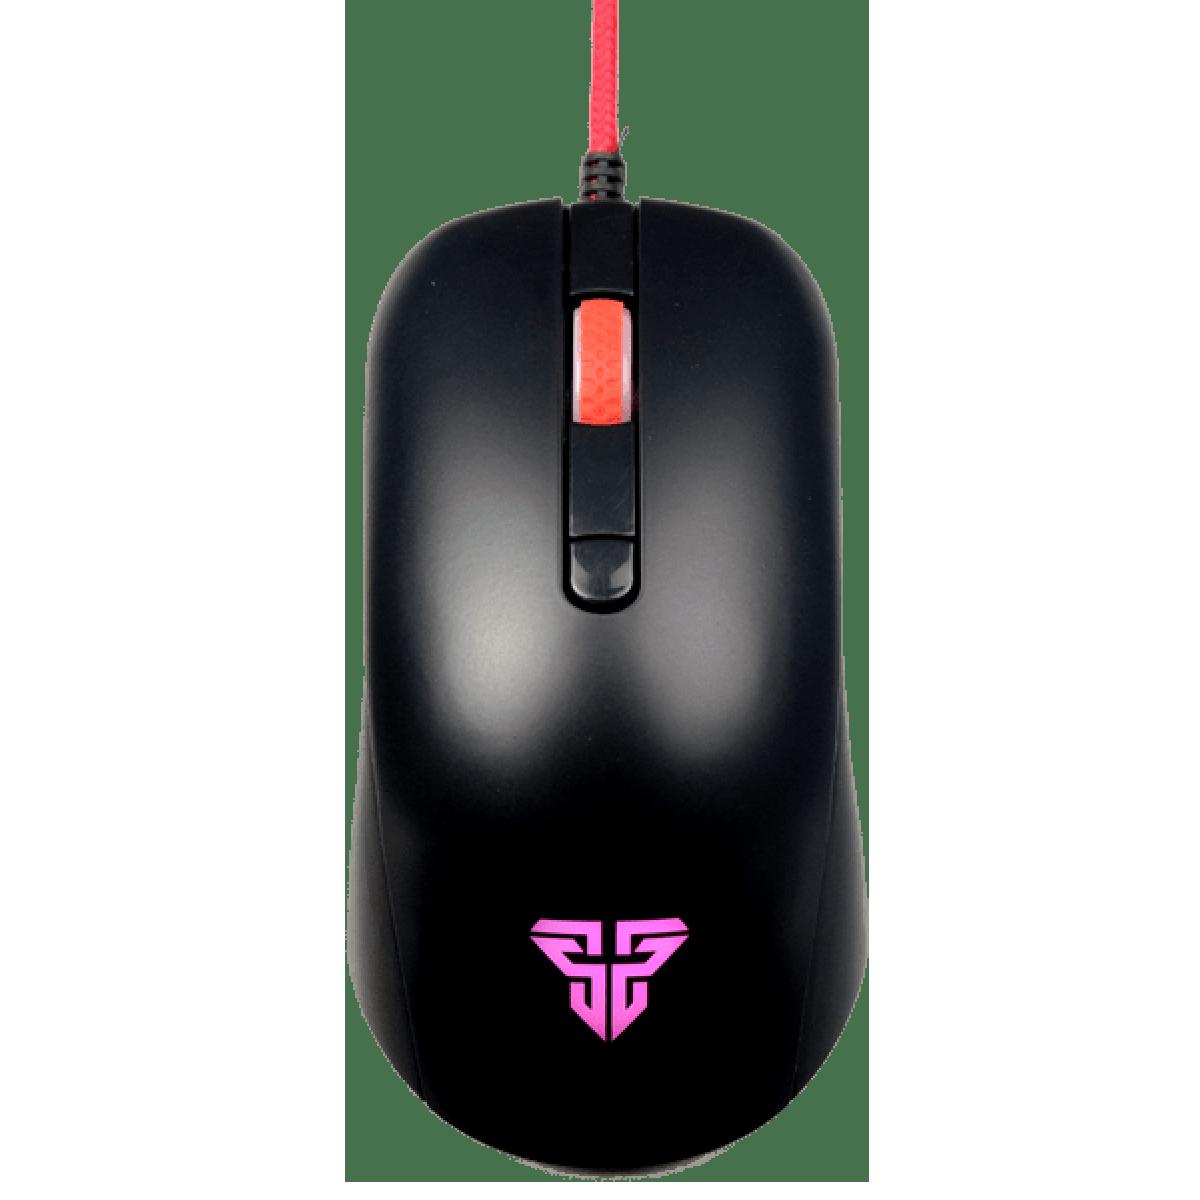 Mouse Gamer Fantech Rhasta G10, 2.400 DPI, 4 Botões, RGB, Black